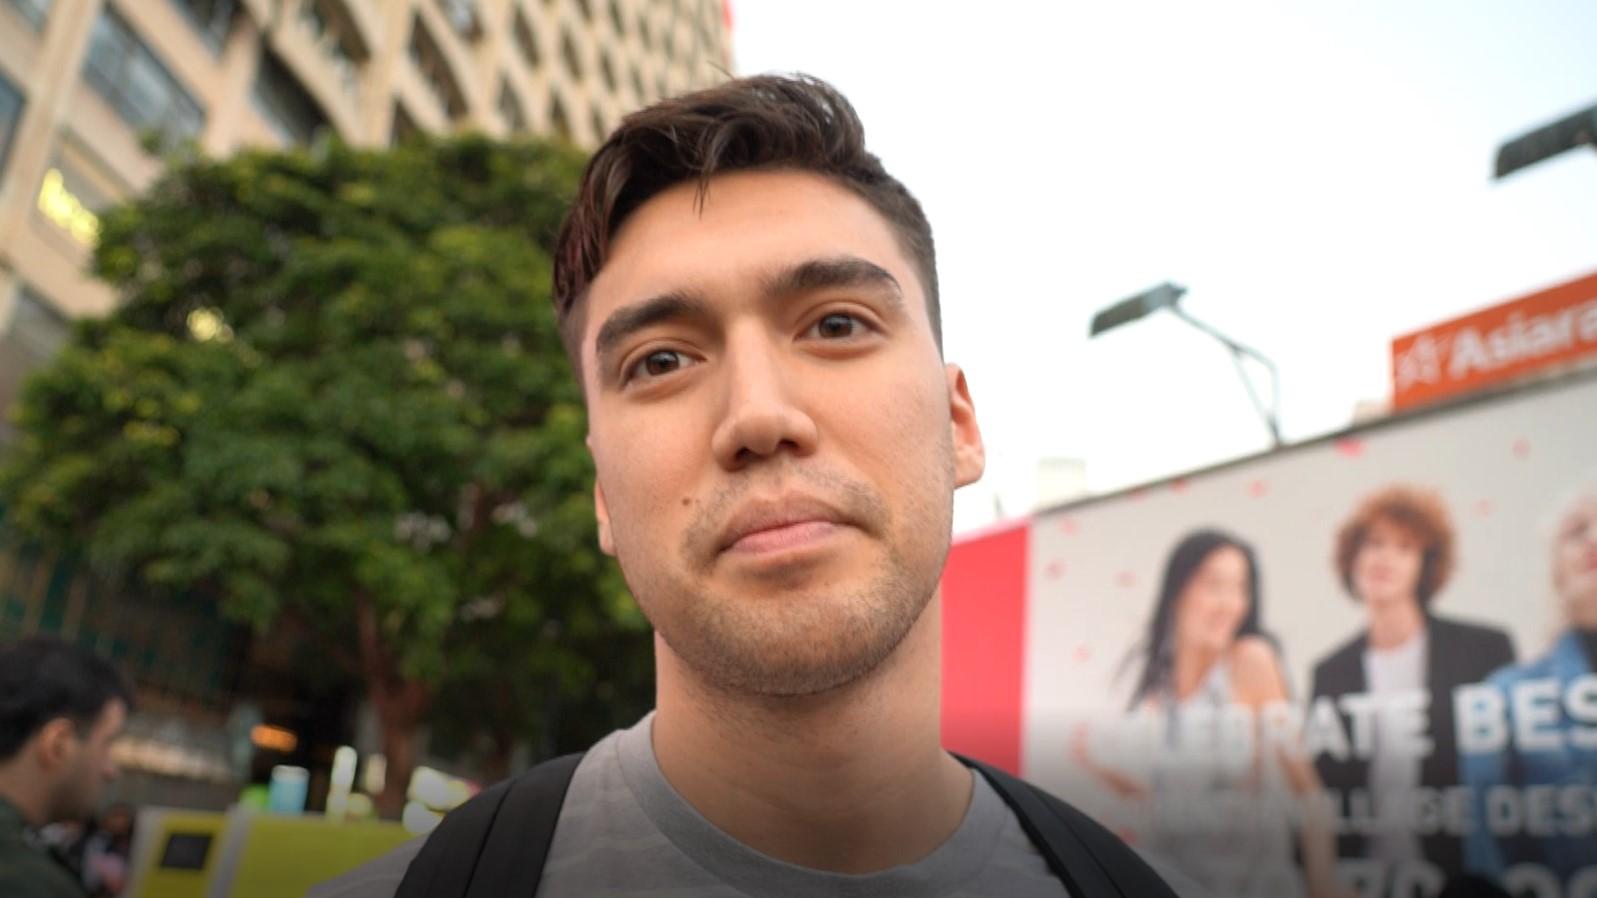 出生於香港、現居英國的楊格(Young Sum)認為,香港人面對警暴仍然堅持抗爭,為此感到自豪。(李智智攝)